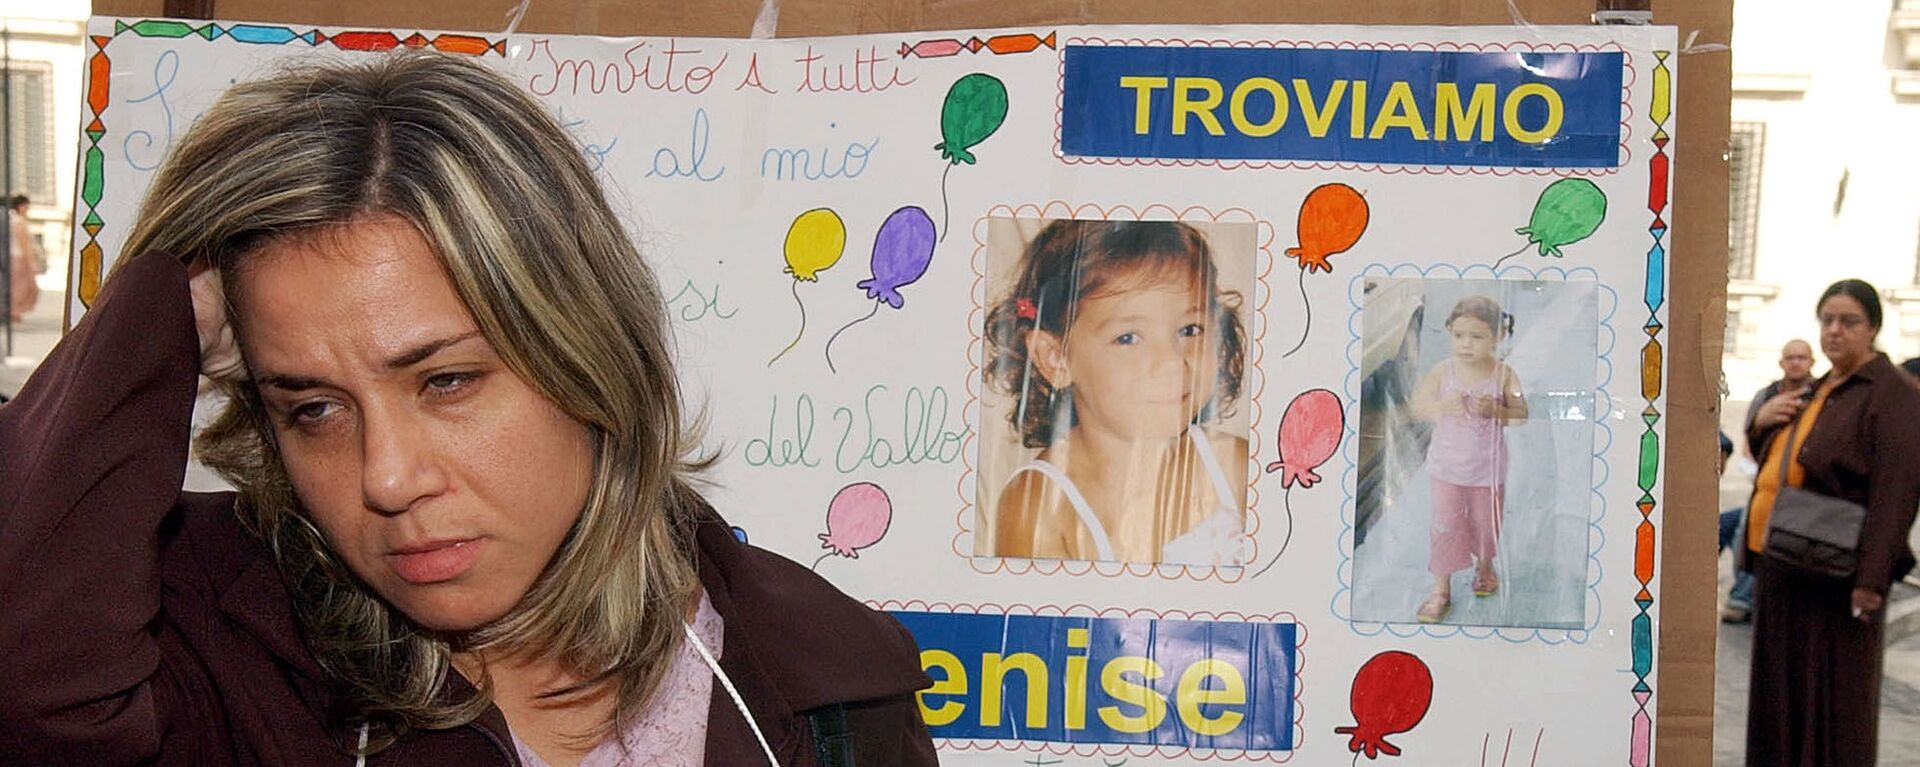 La madre della ragazza scomparsa Denise Pipitone con le sue foto a Roma - Sputnik Italia, 1920, 04.04.2021